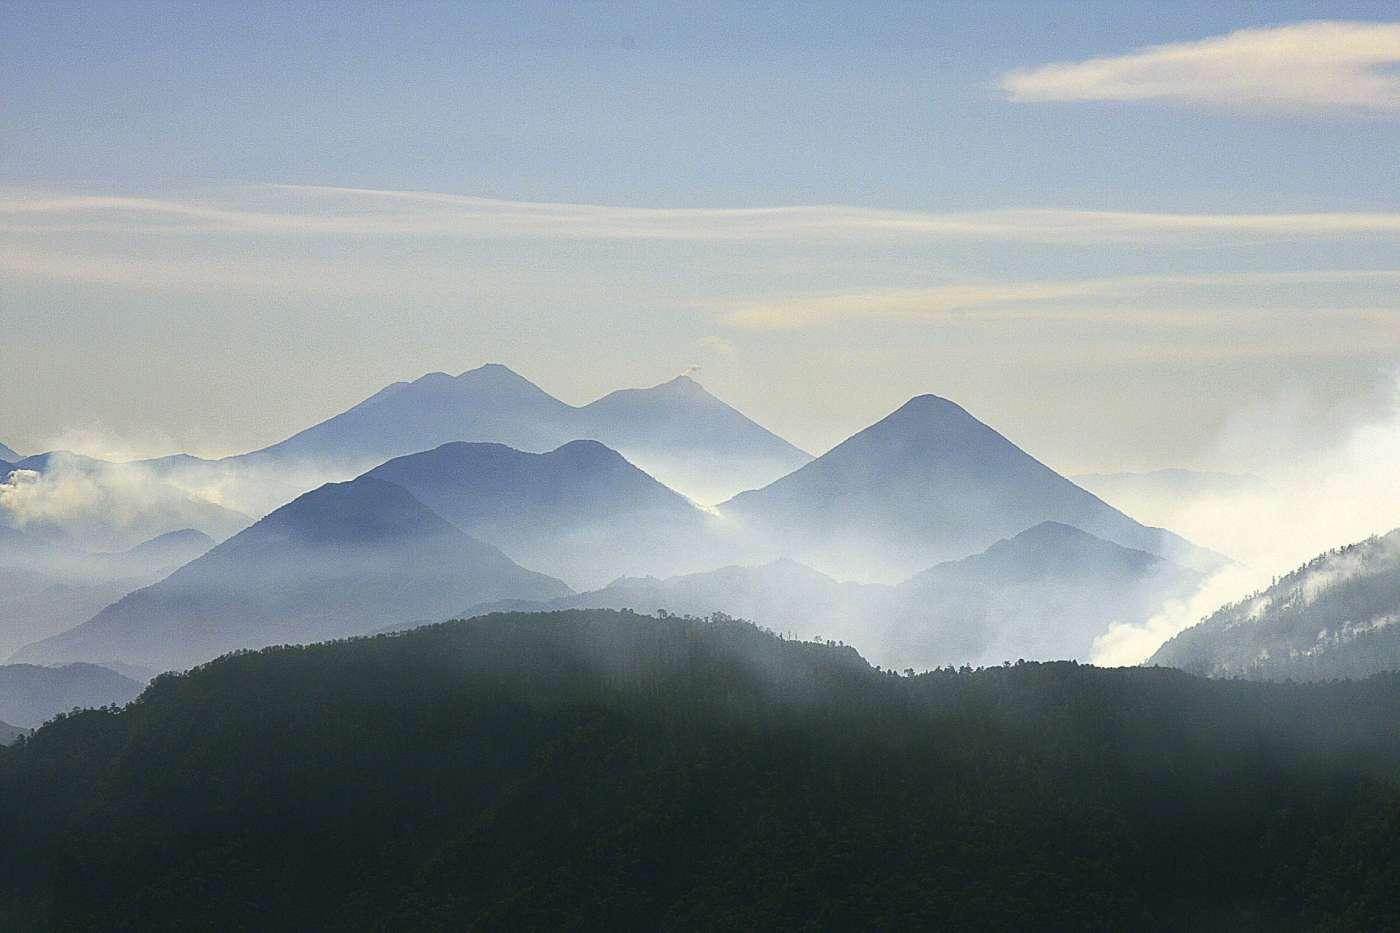 volcan datant gratuit en ligne datant Barrie Ontario